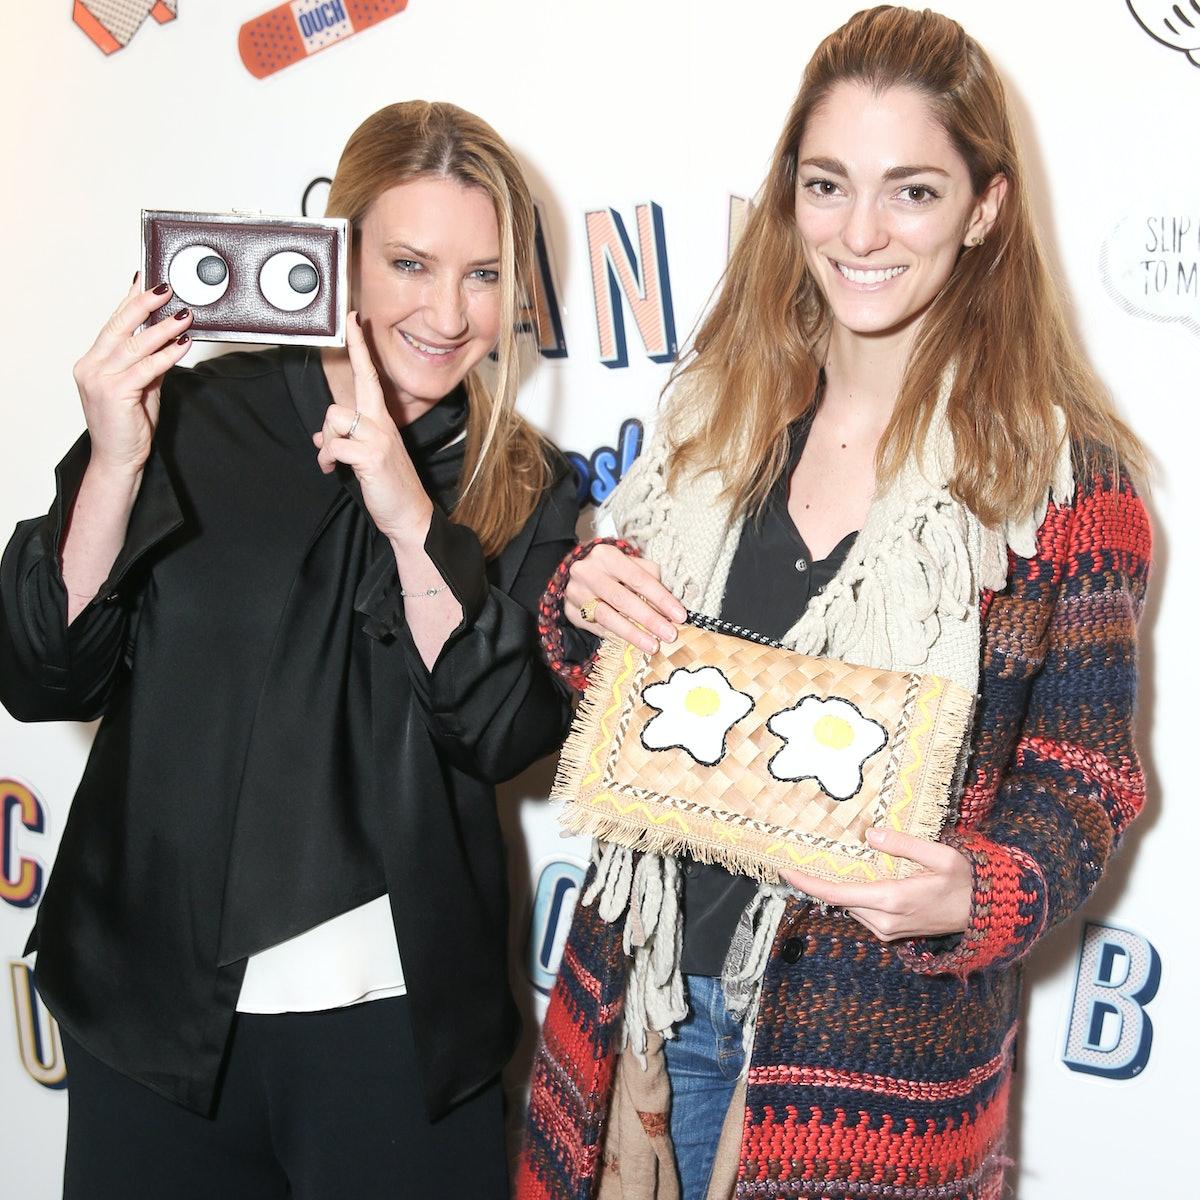 Anya Hindmarch and Sofia Sanchez de Betak